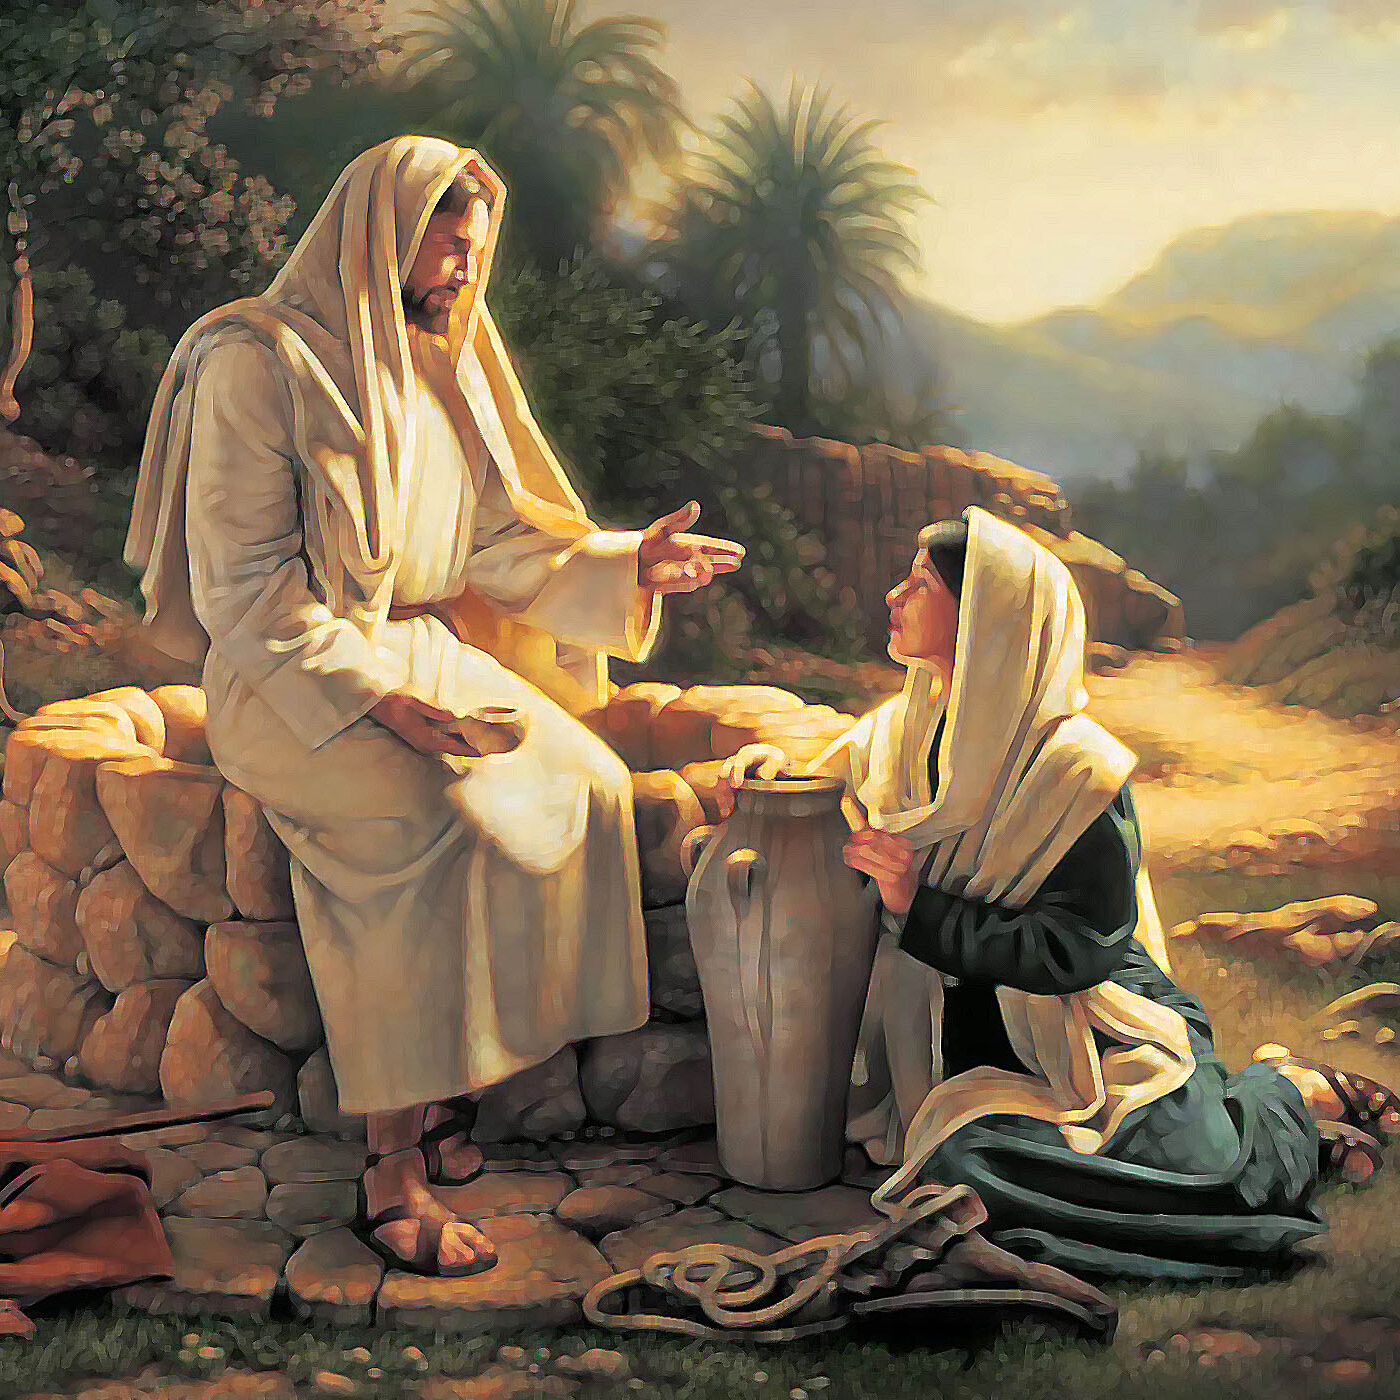 riflessioni sul Vangelo di Martedì 29 Giugno 2021 (Mt 16, 13-19) - Apostola Janel